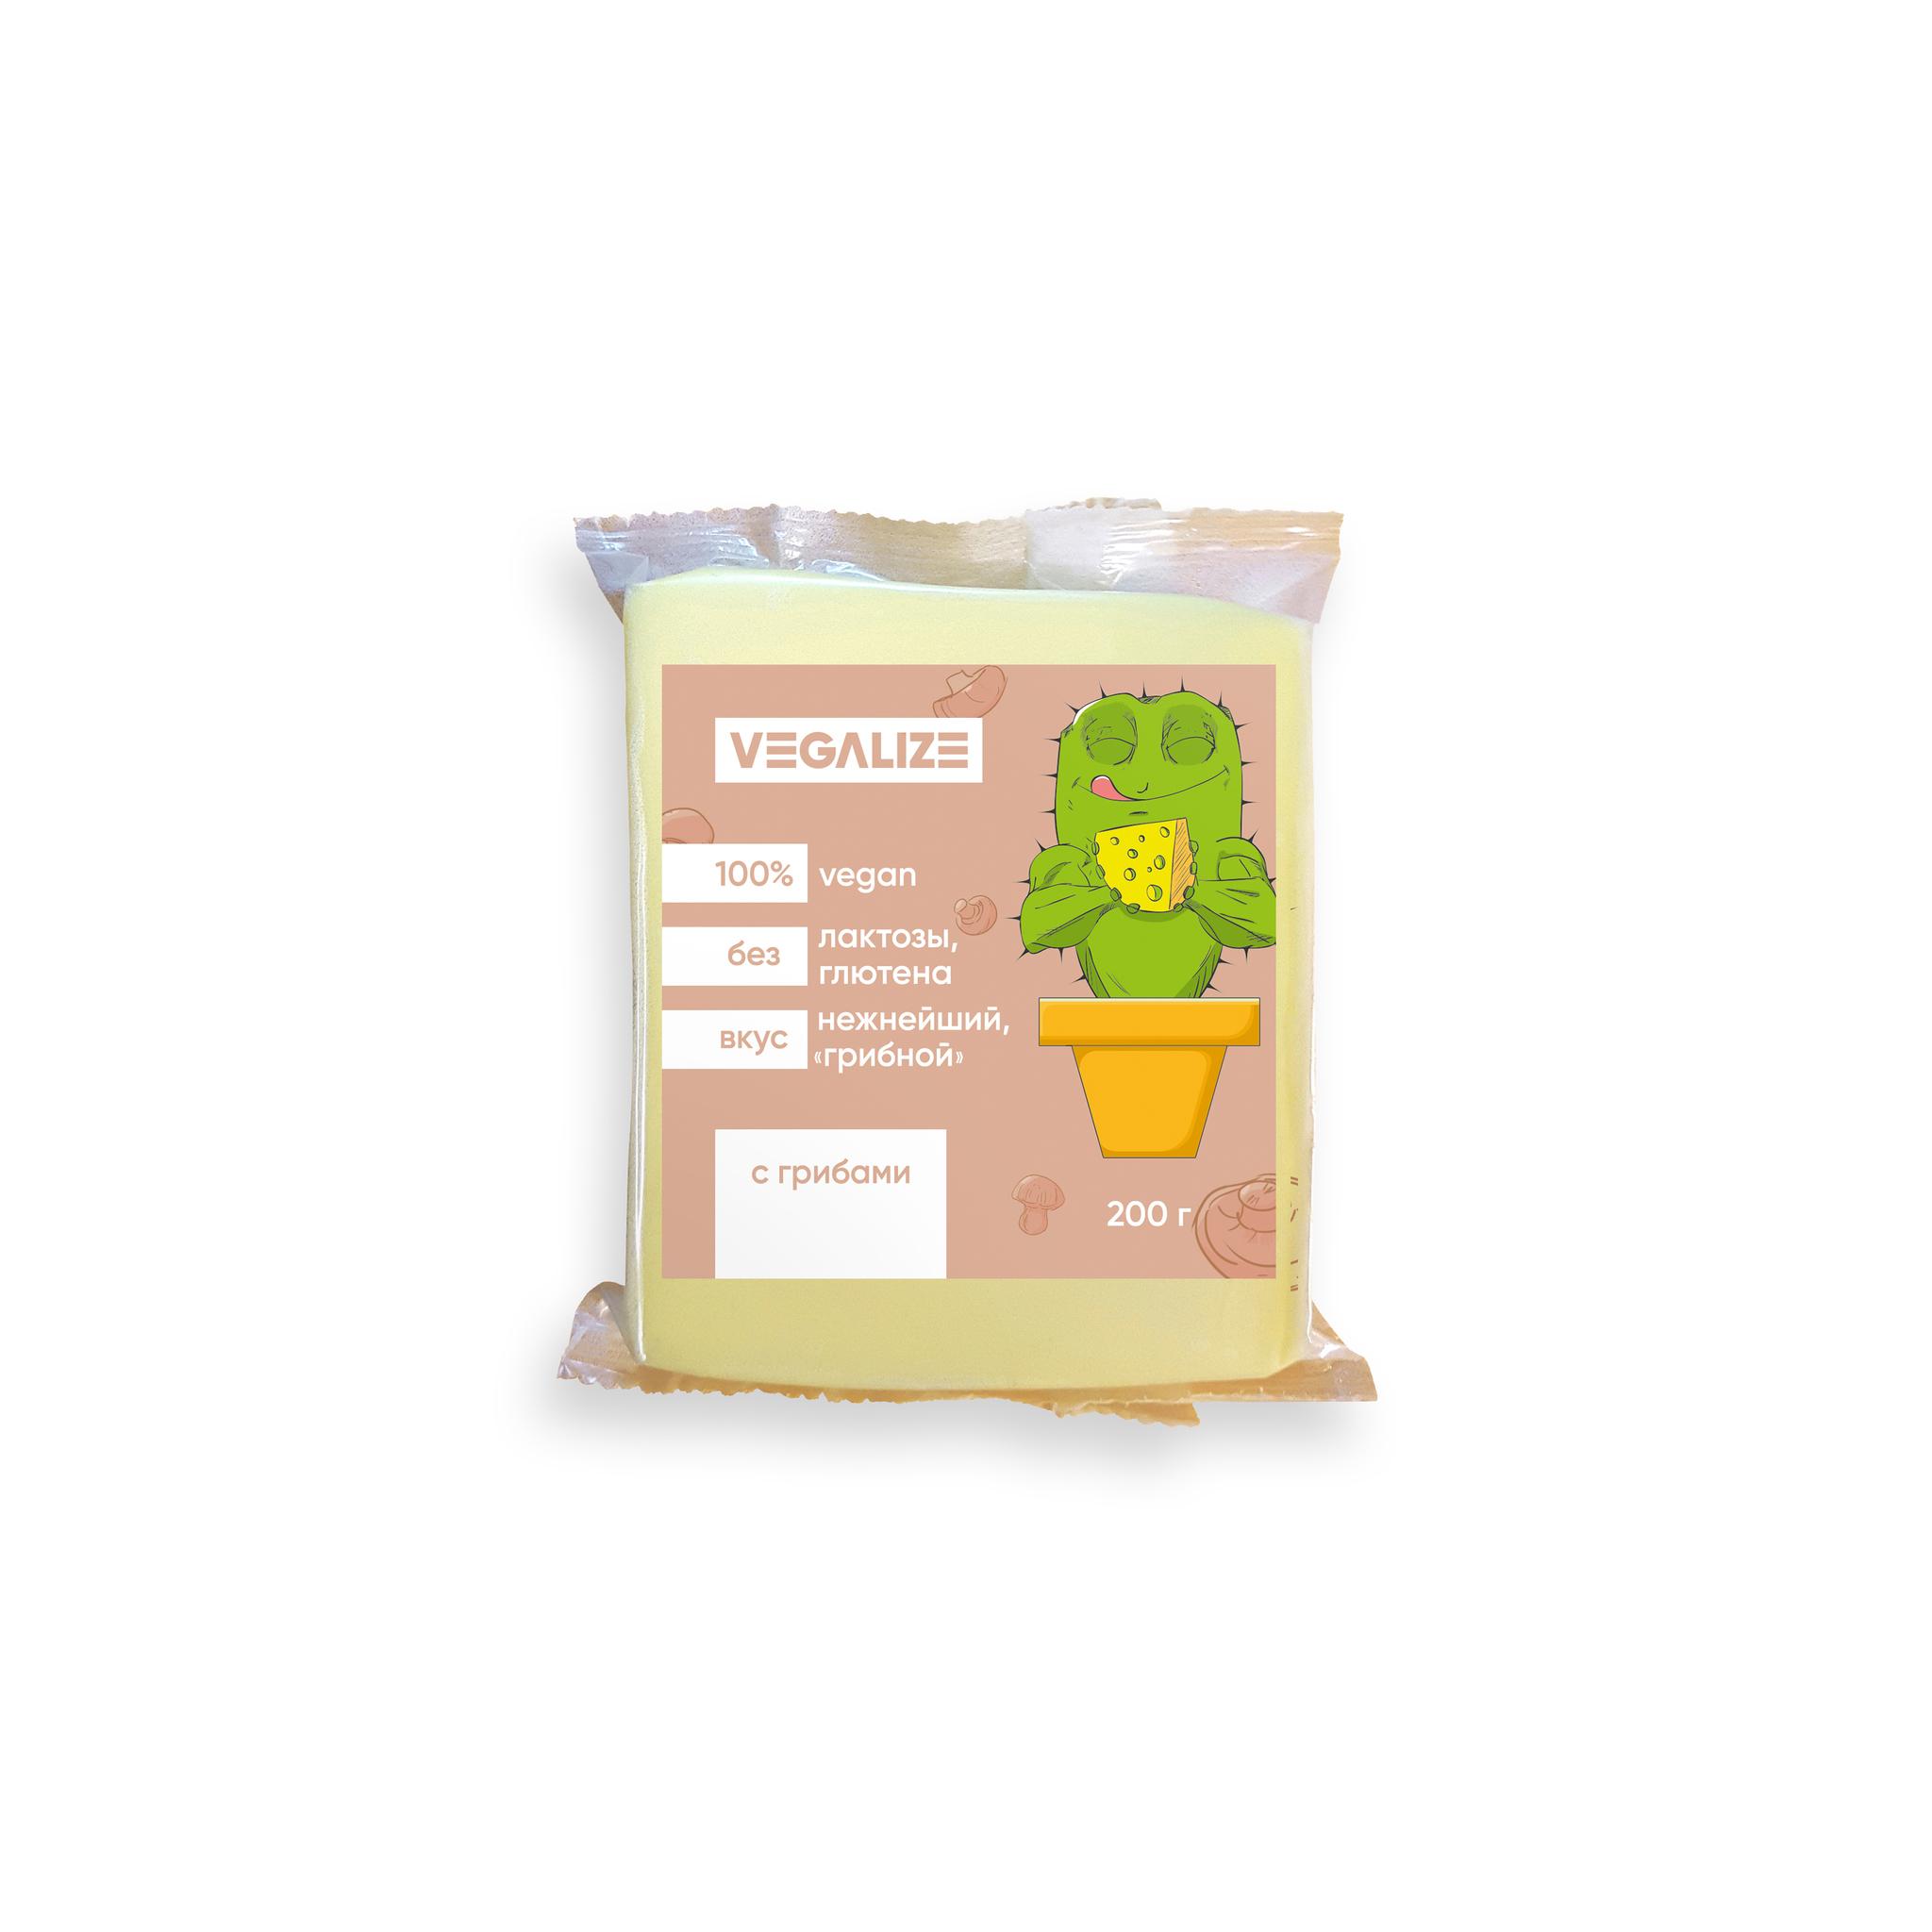 Сыр веганский VEGALIZE с грибами 200г